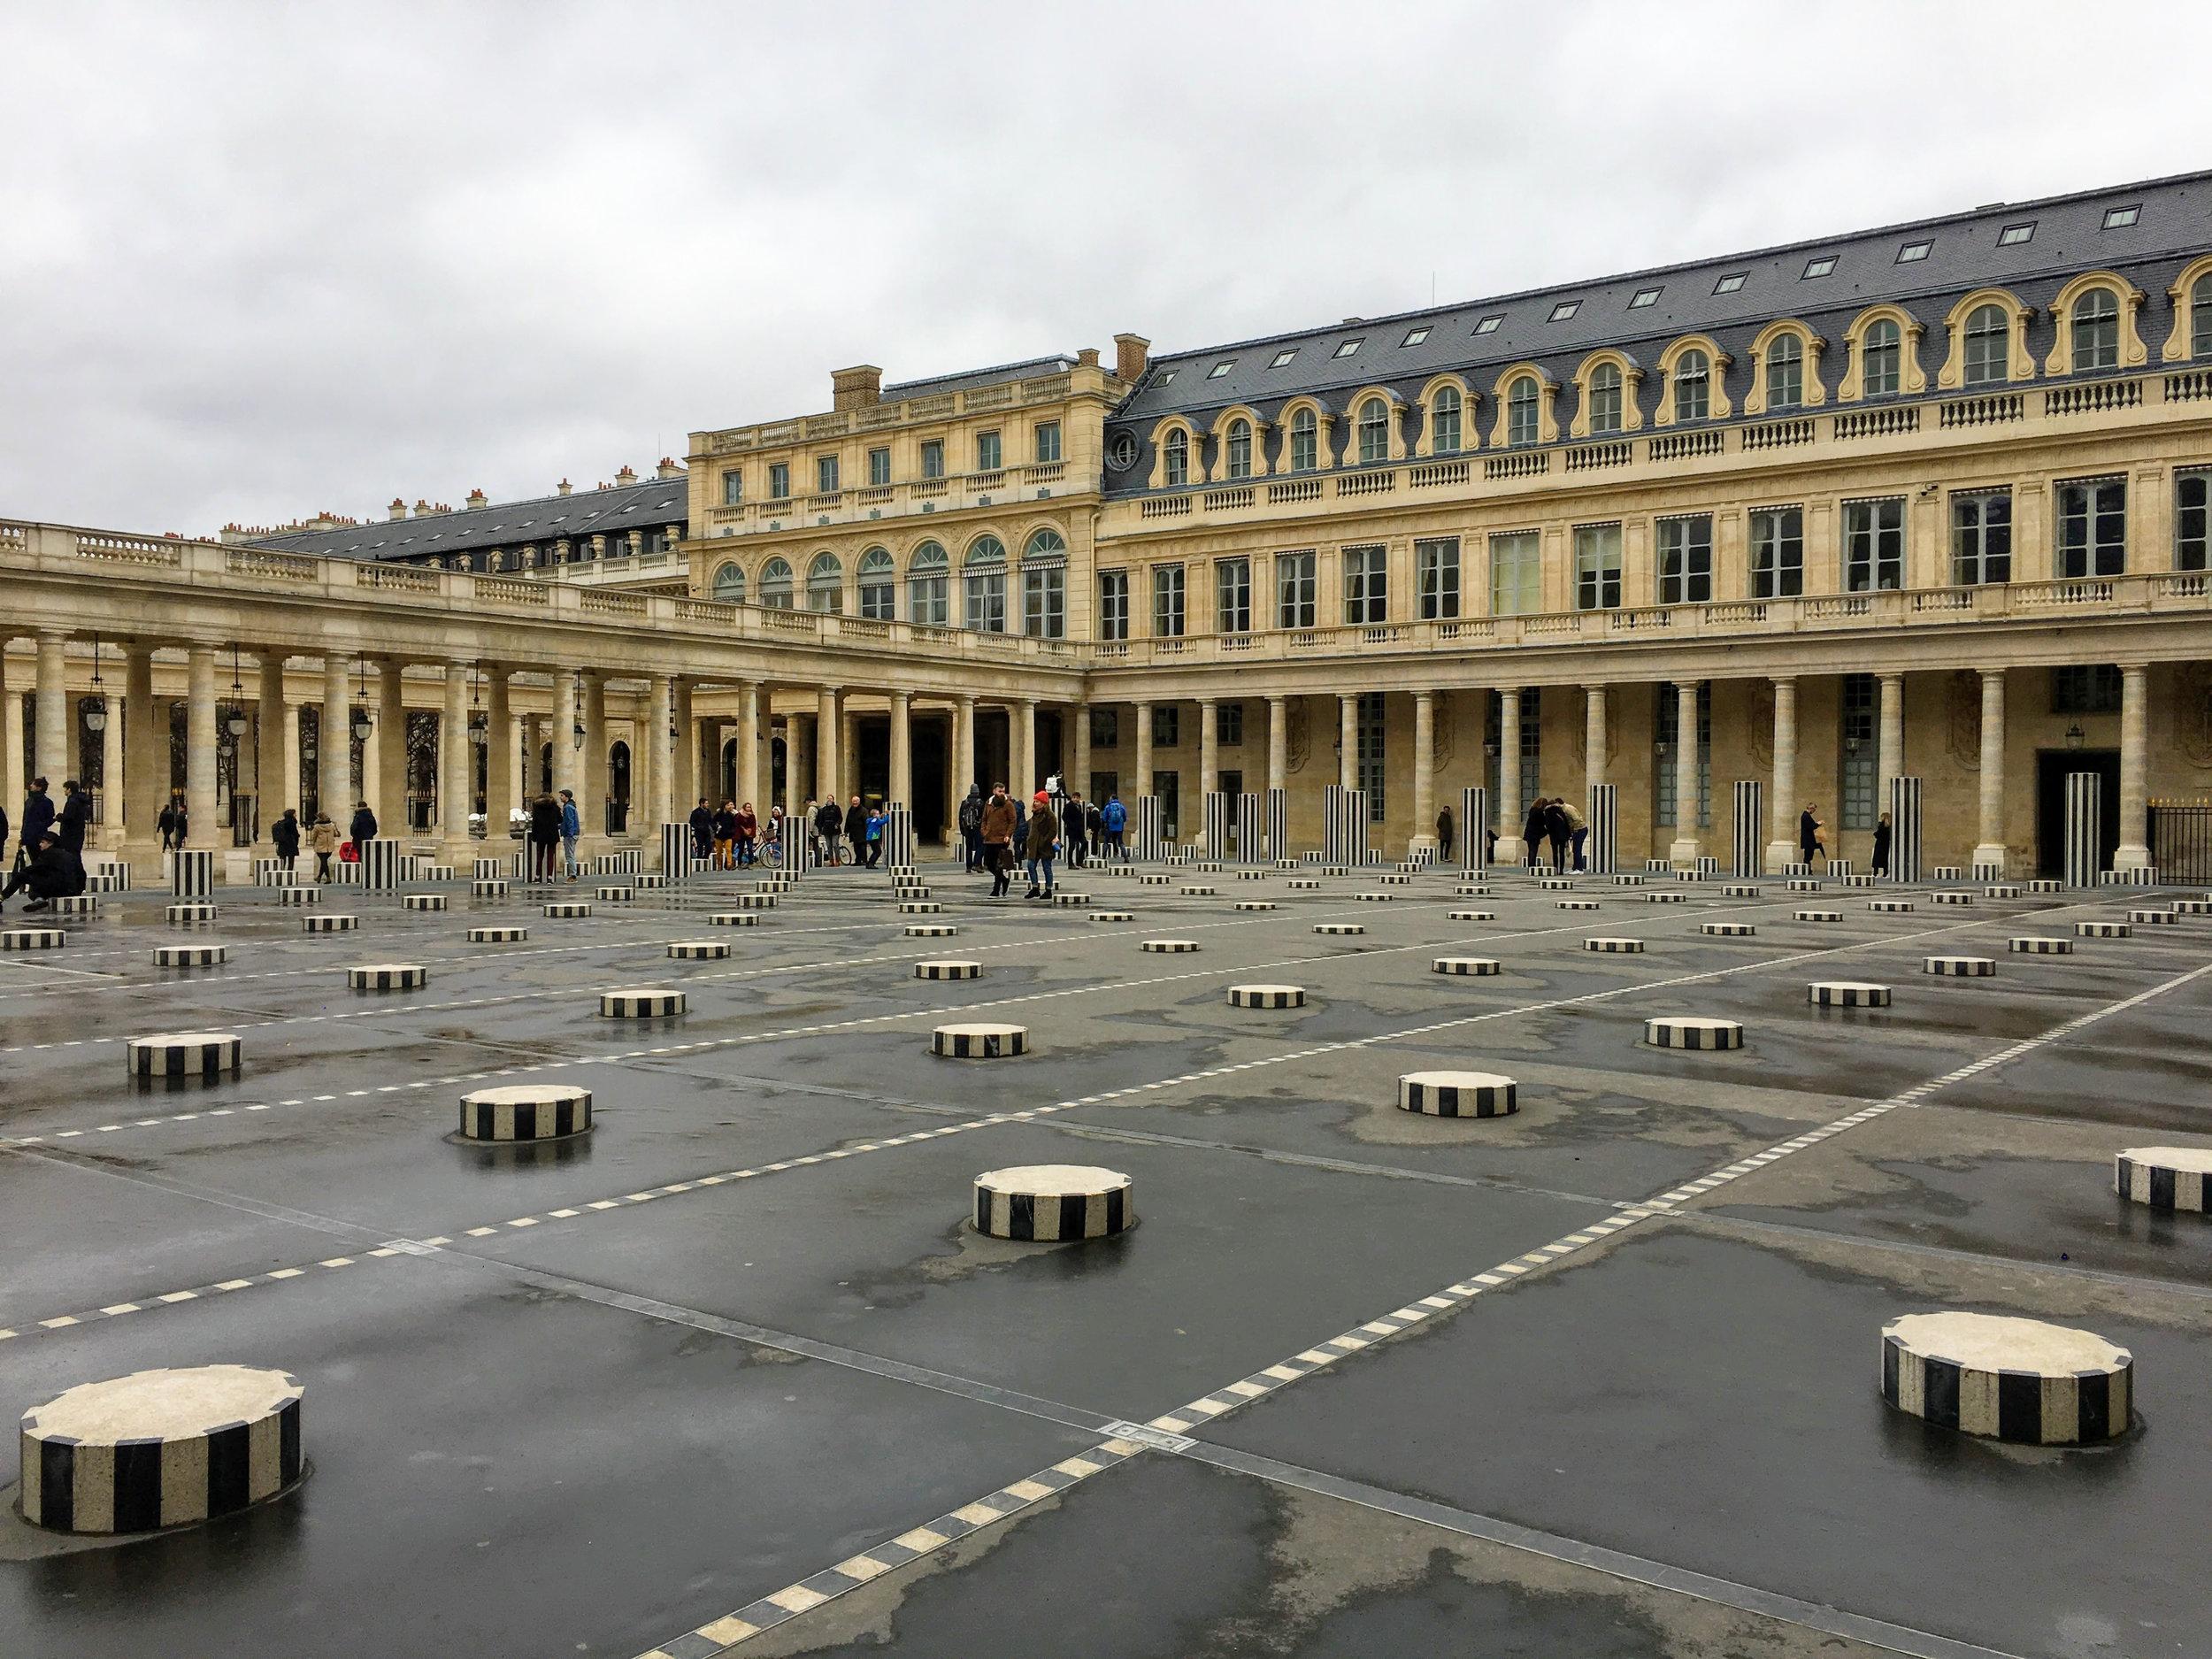 cour du palais royal colonnes de buren paris.jpg